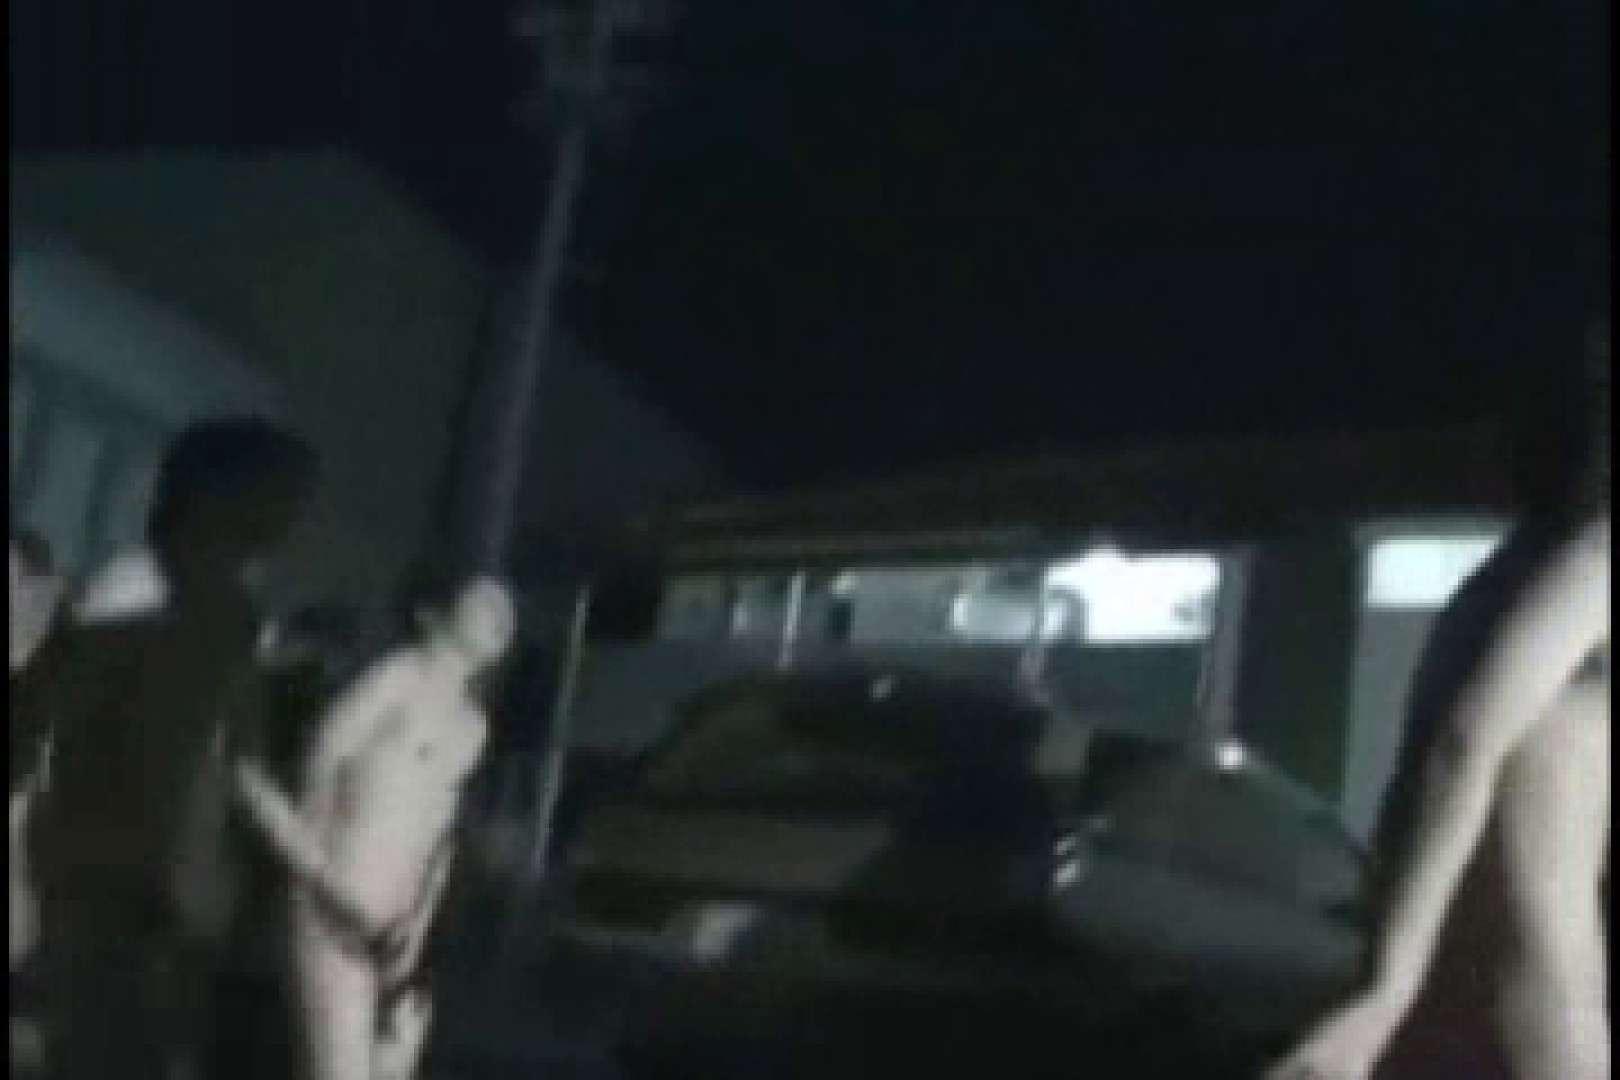 ゲイ 肉棒 動画|陰間茶屋 男児祭り VOL.3|裸